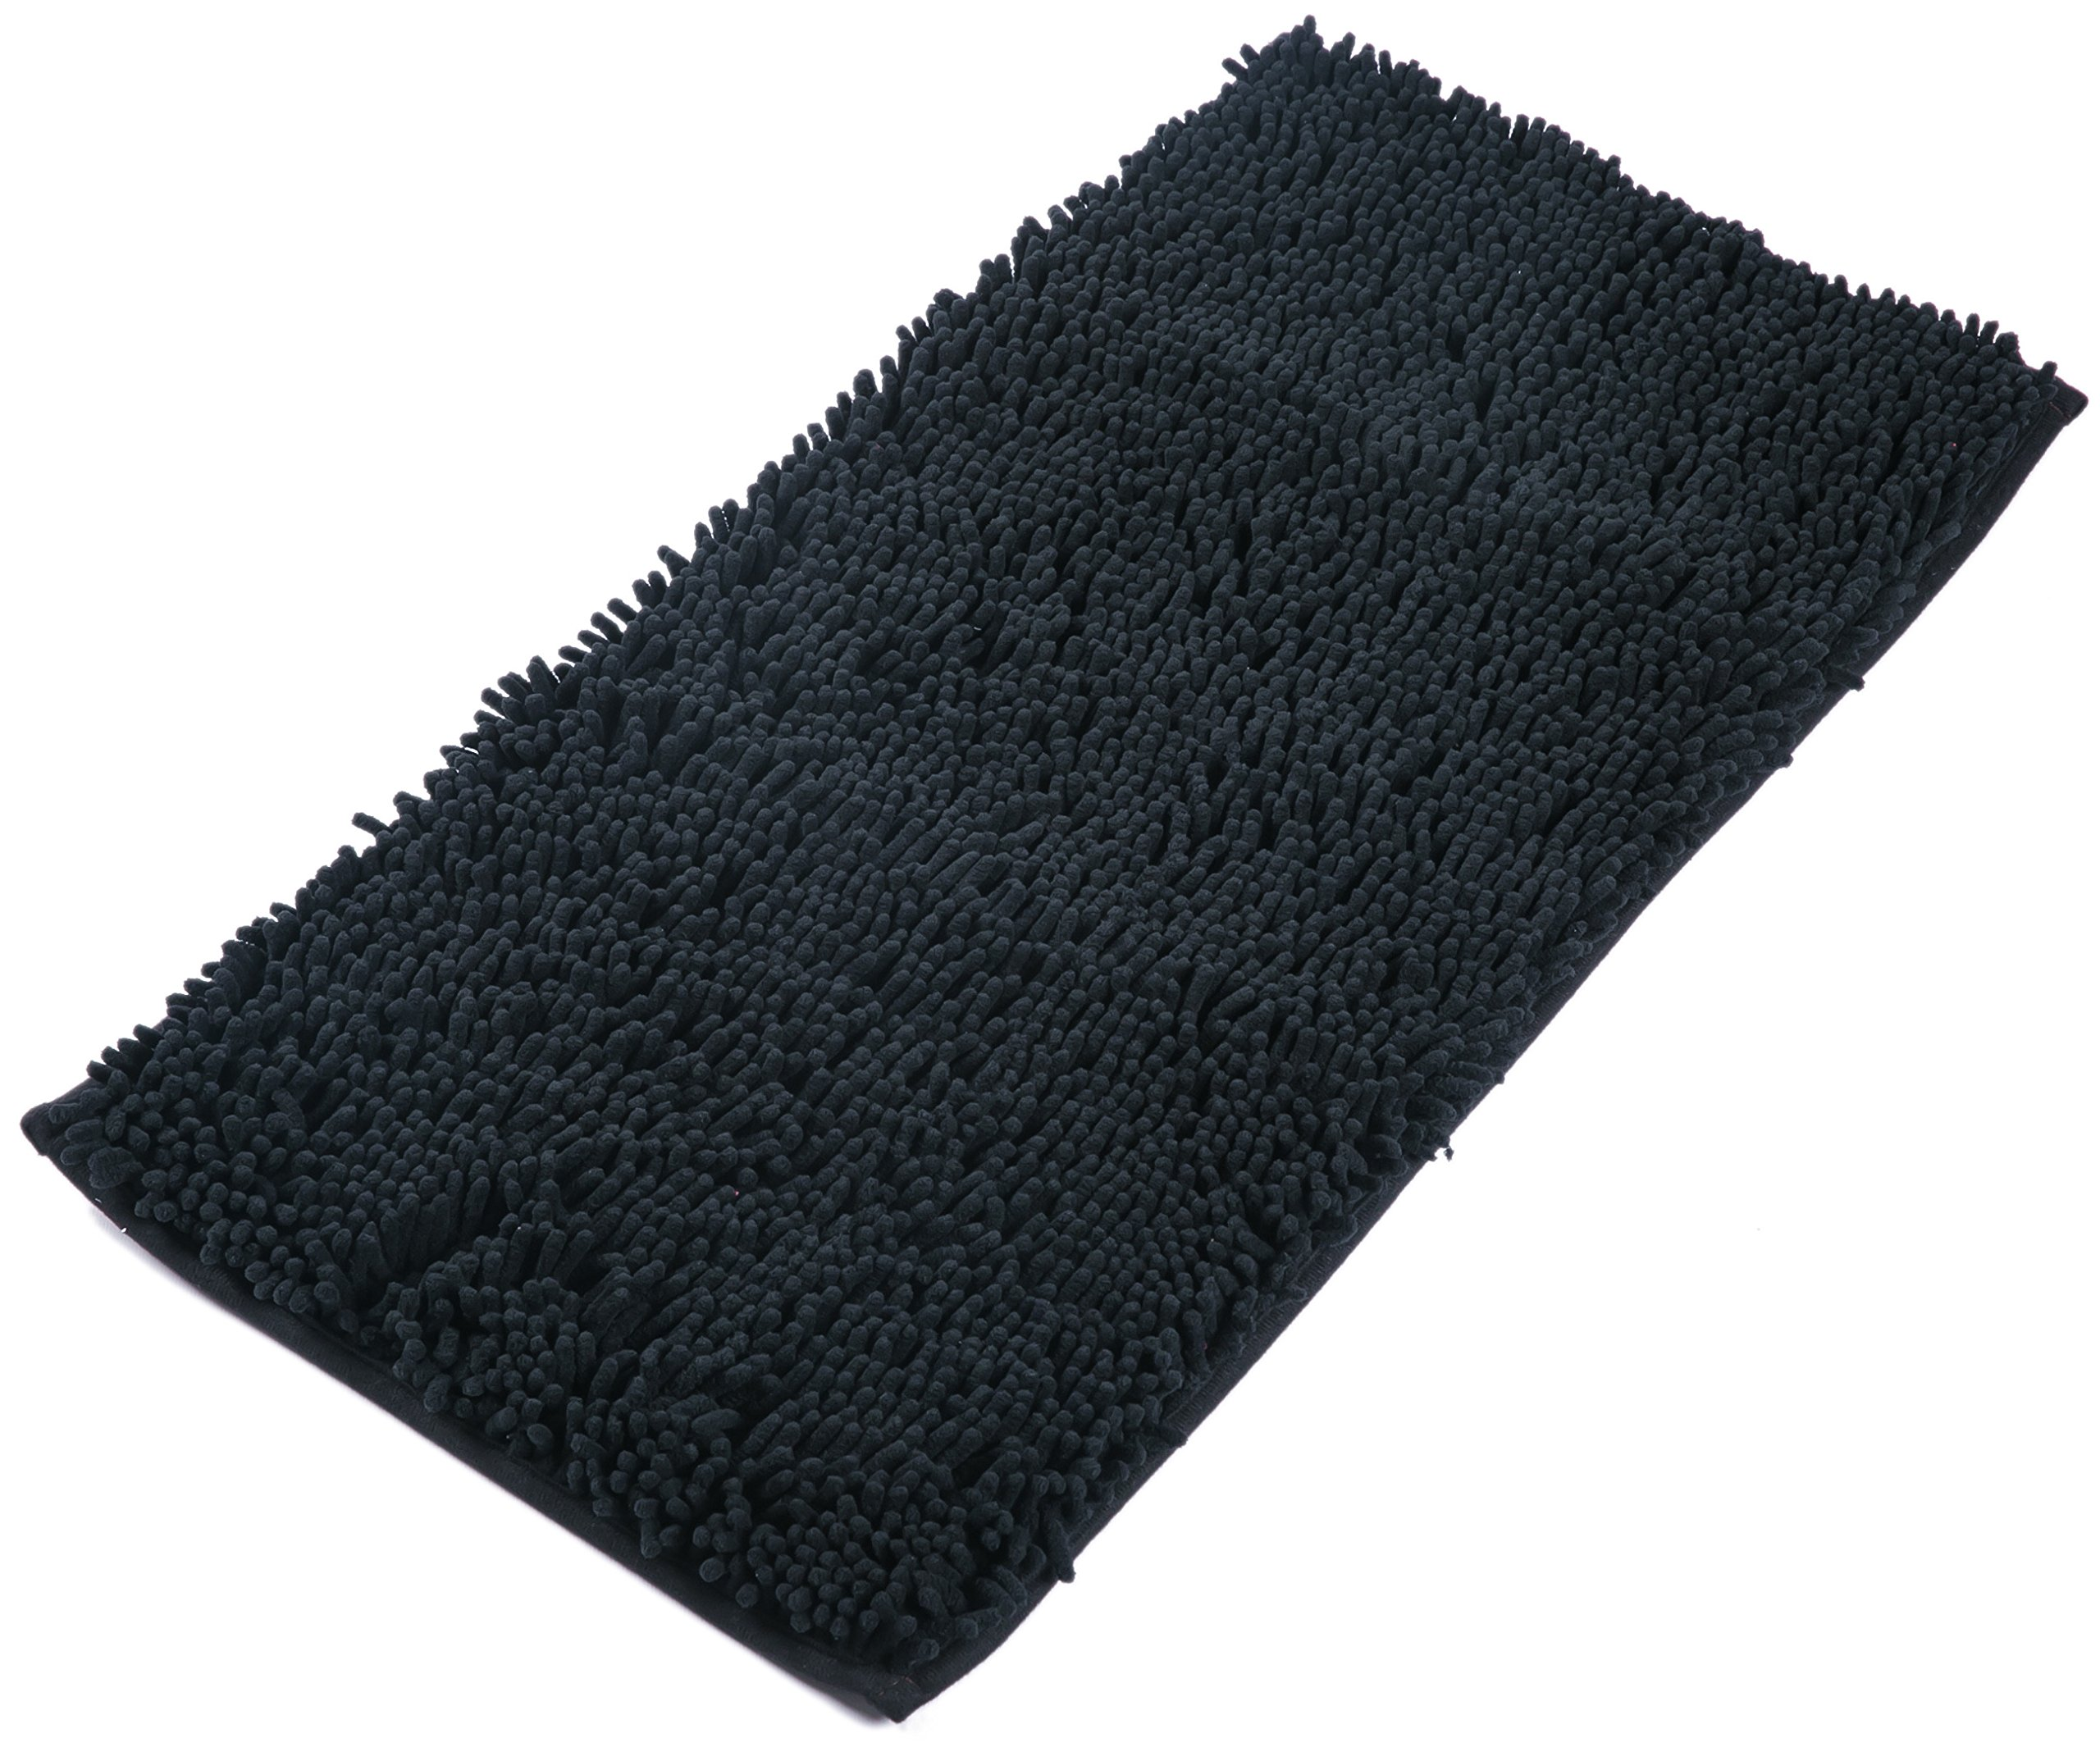 Tapis Magique Salle De Bain Gifi ~ top tapis de bain selon les notes amazon fr